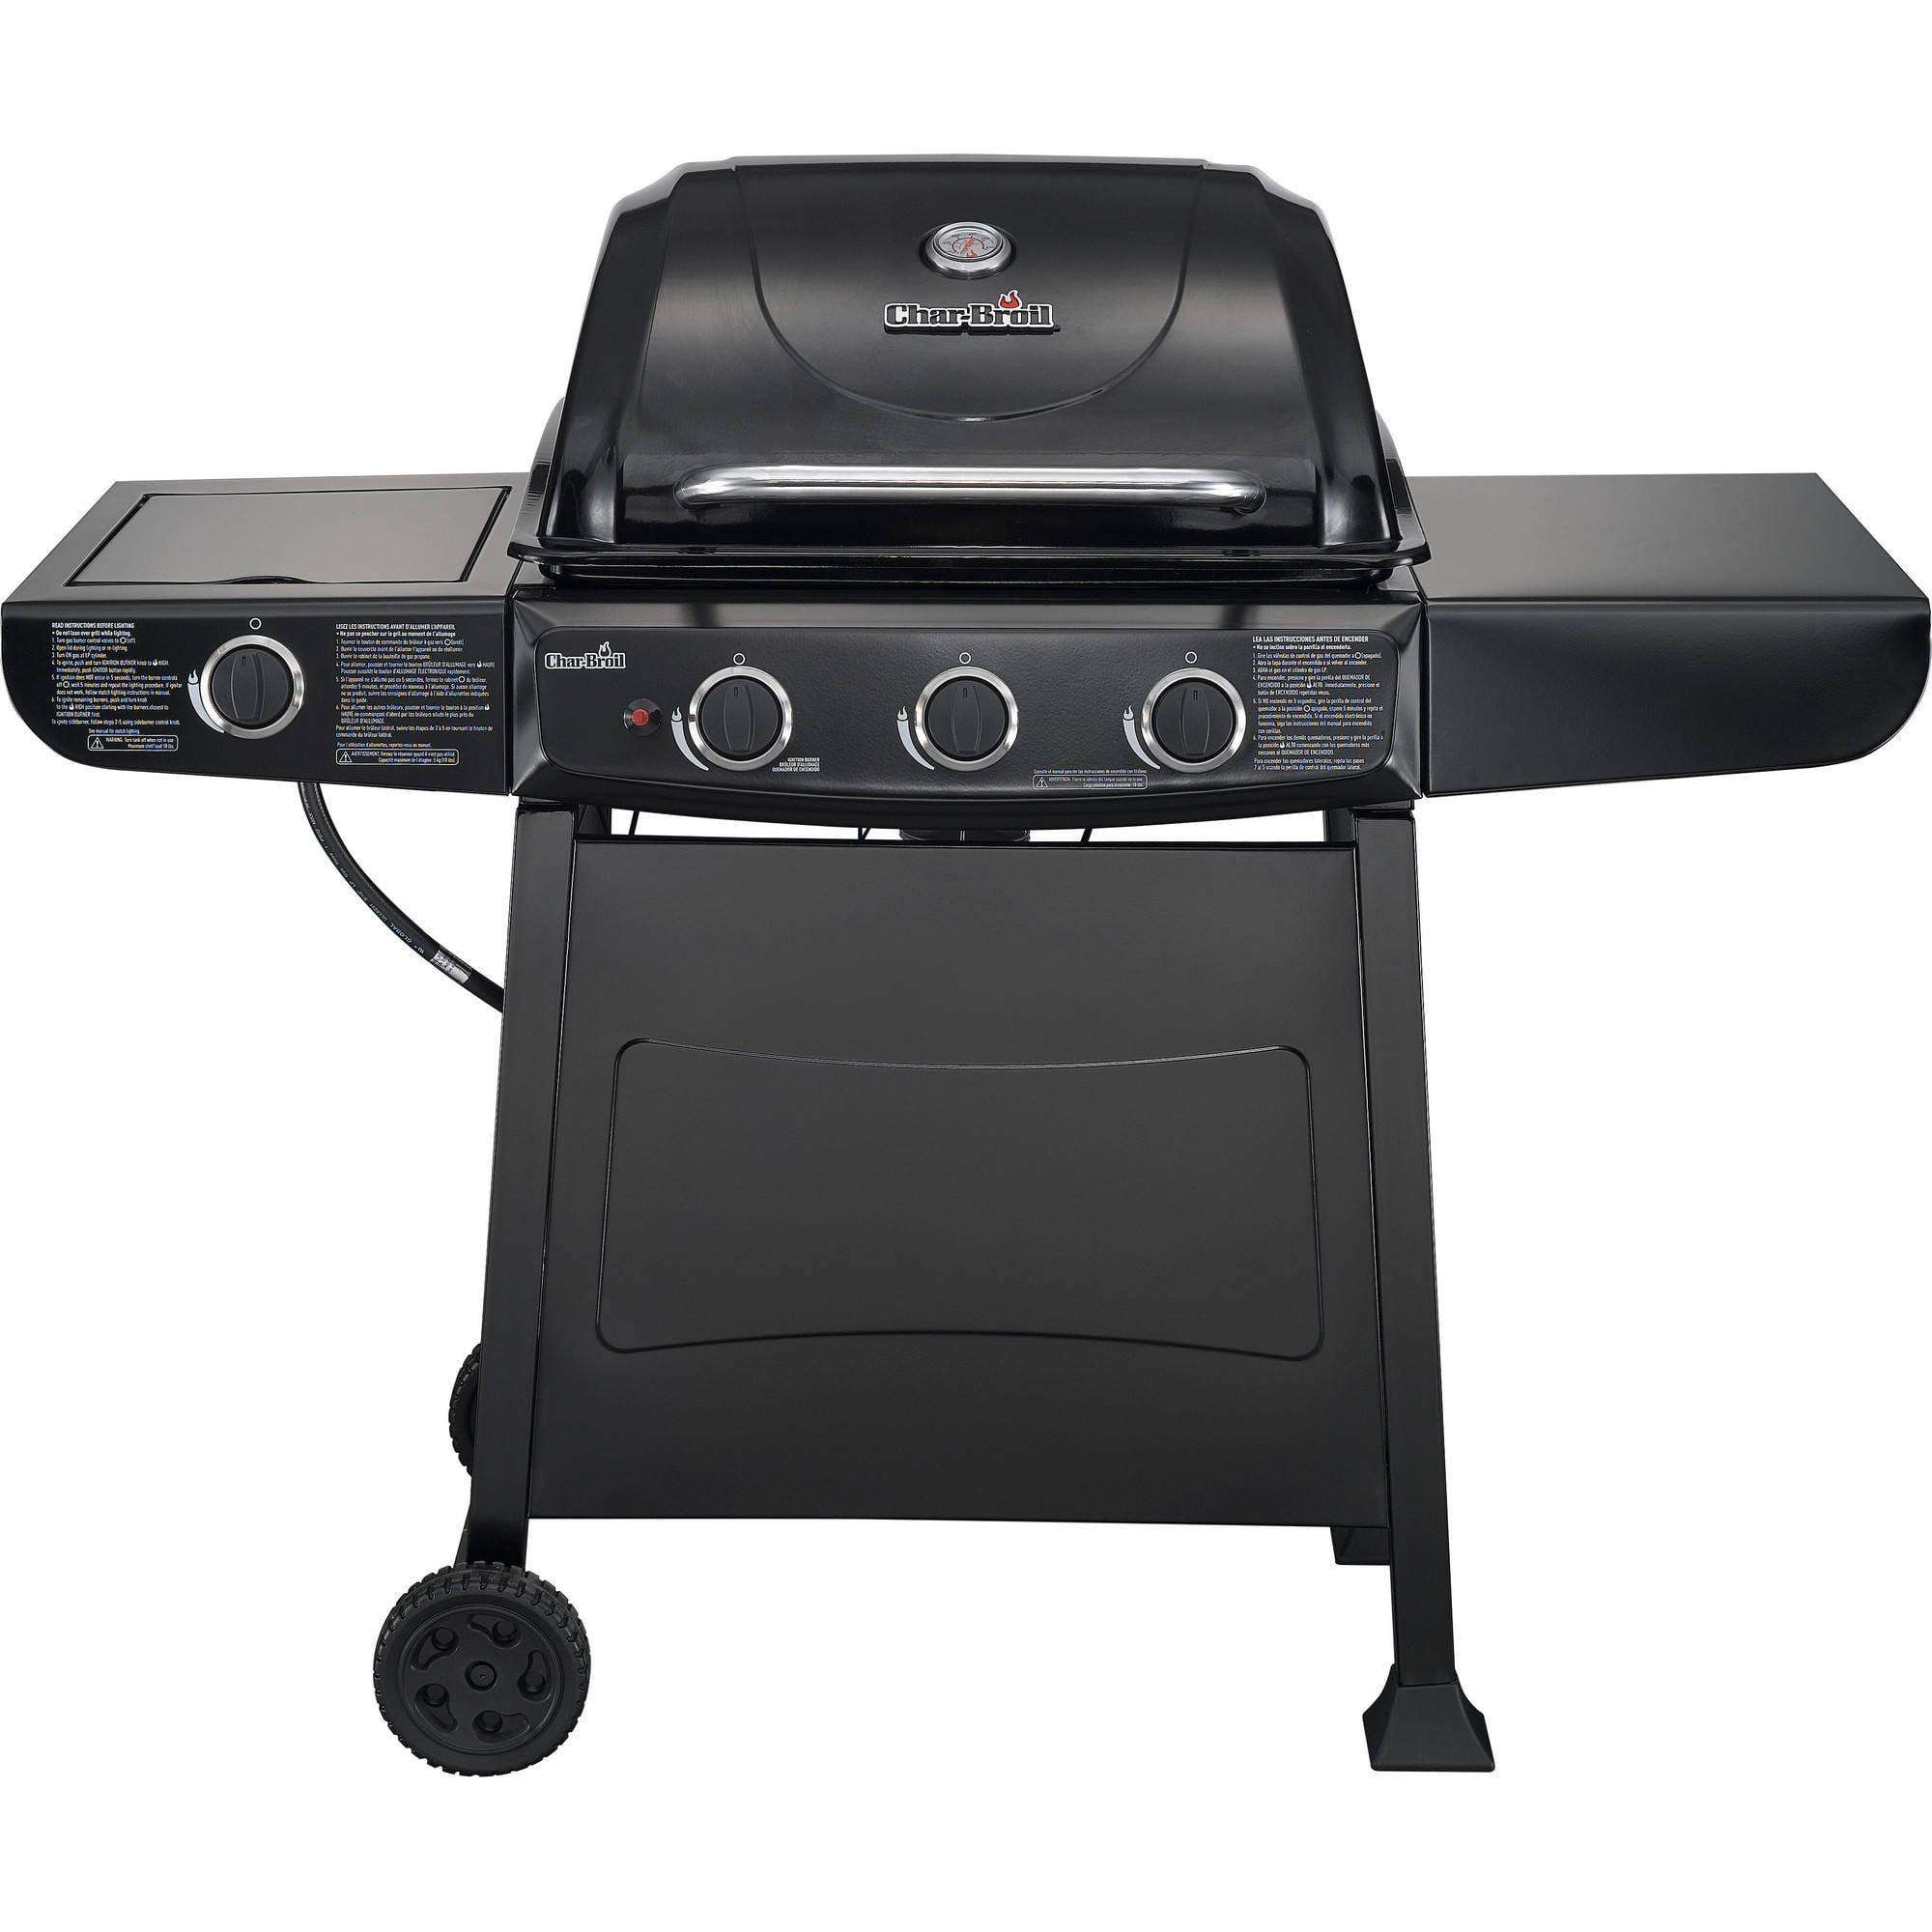 Char-Broil 3-Burner Gas Grill with Side Burner